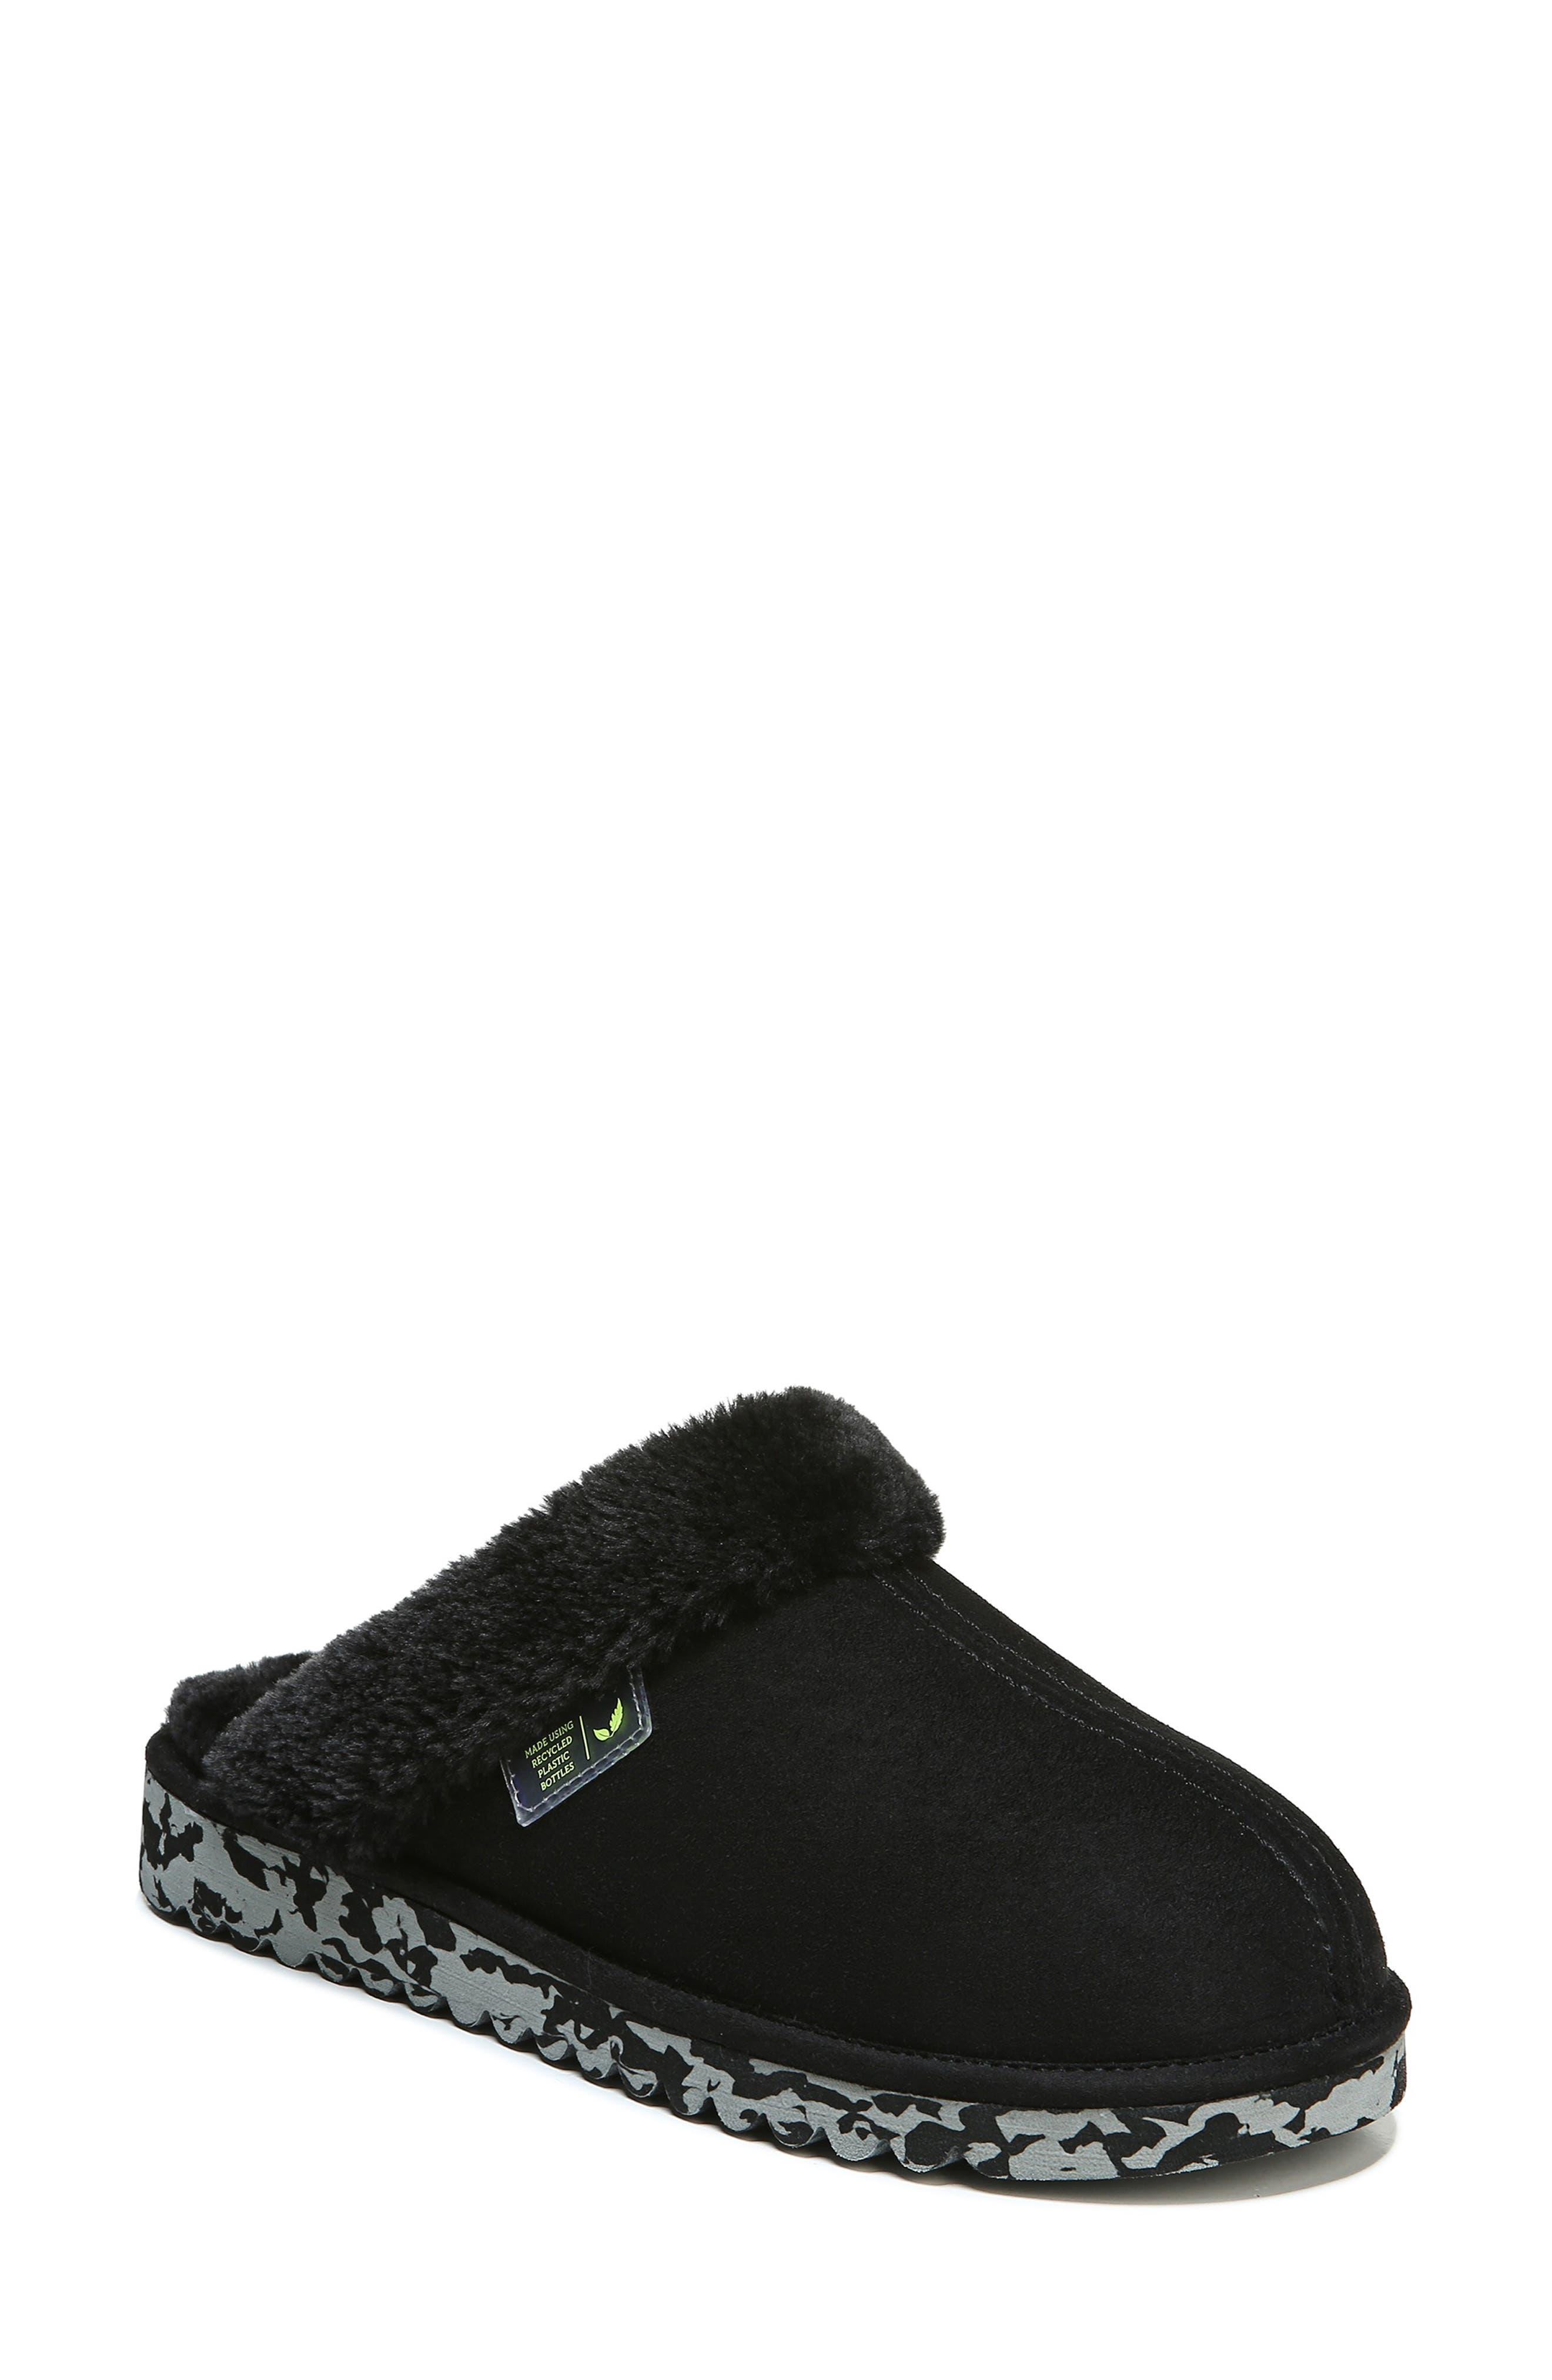 Staycay Faux Fur Slide Slipper